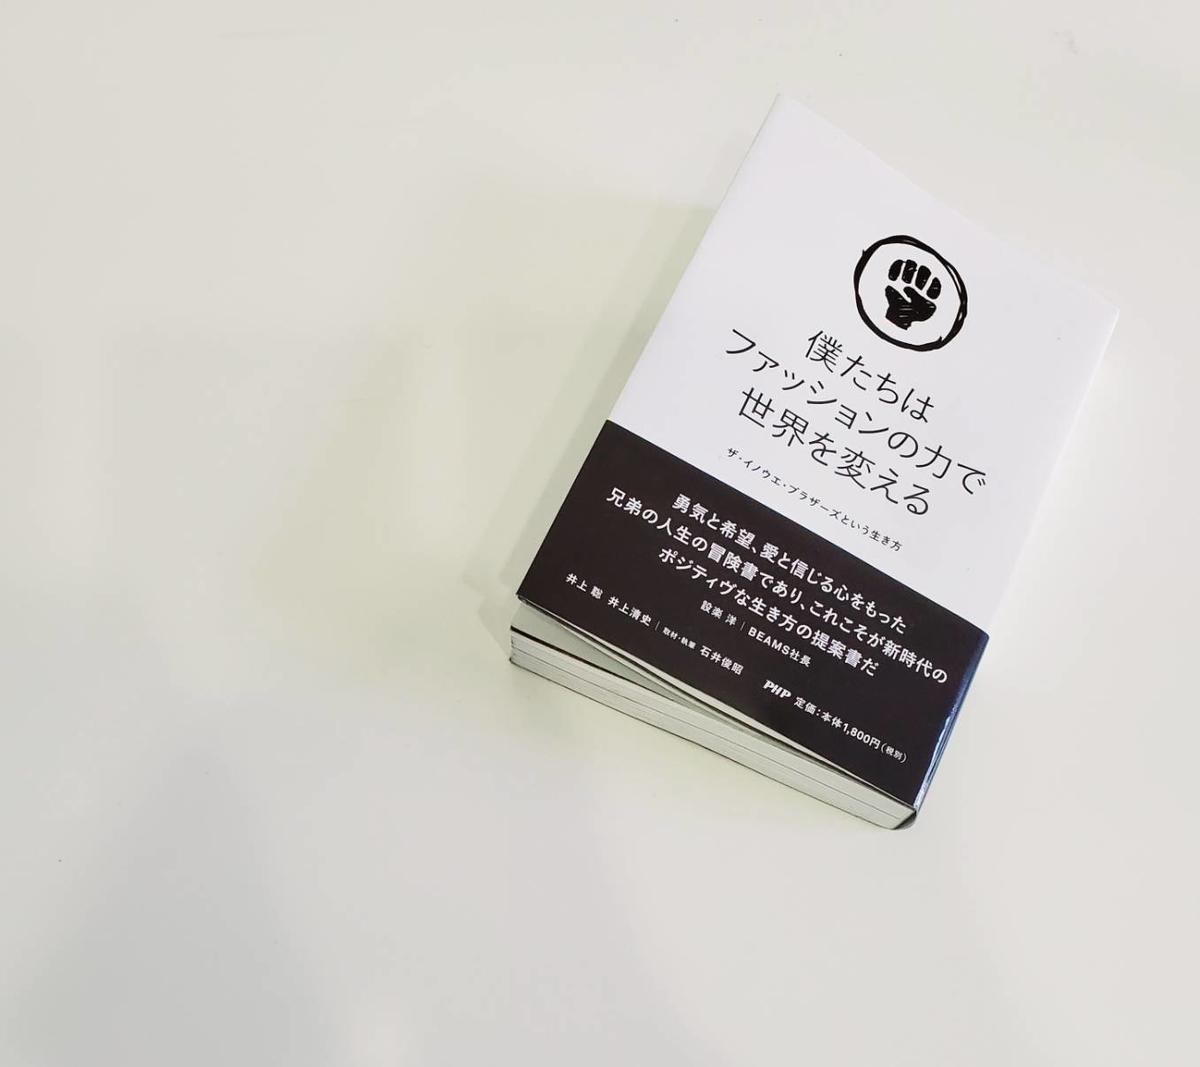 f:id:Kim-Fukutabi:20200517104227j:plain